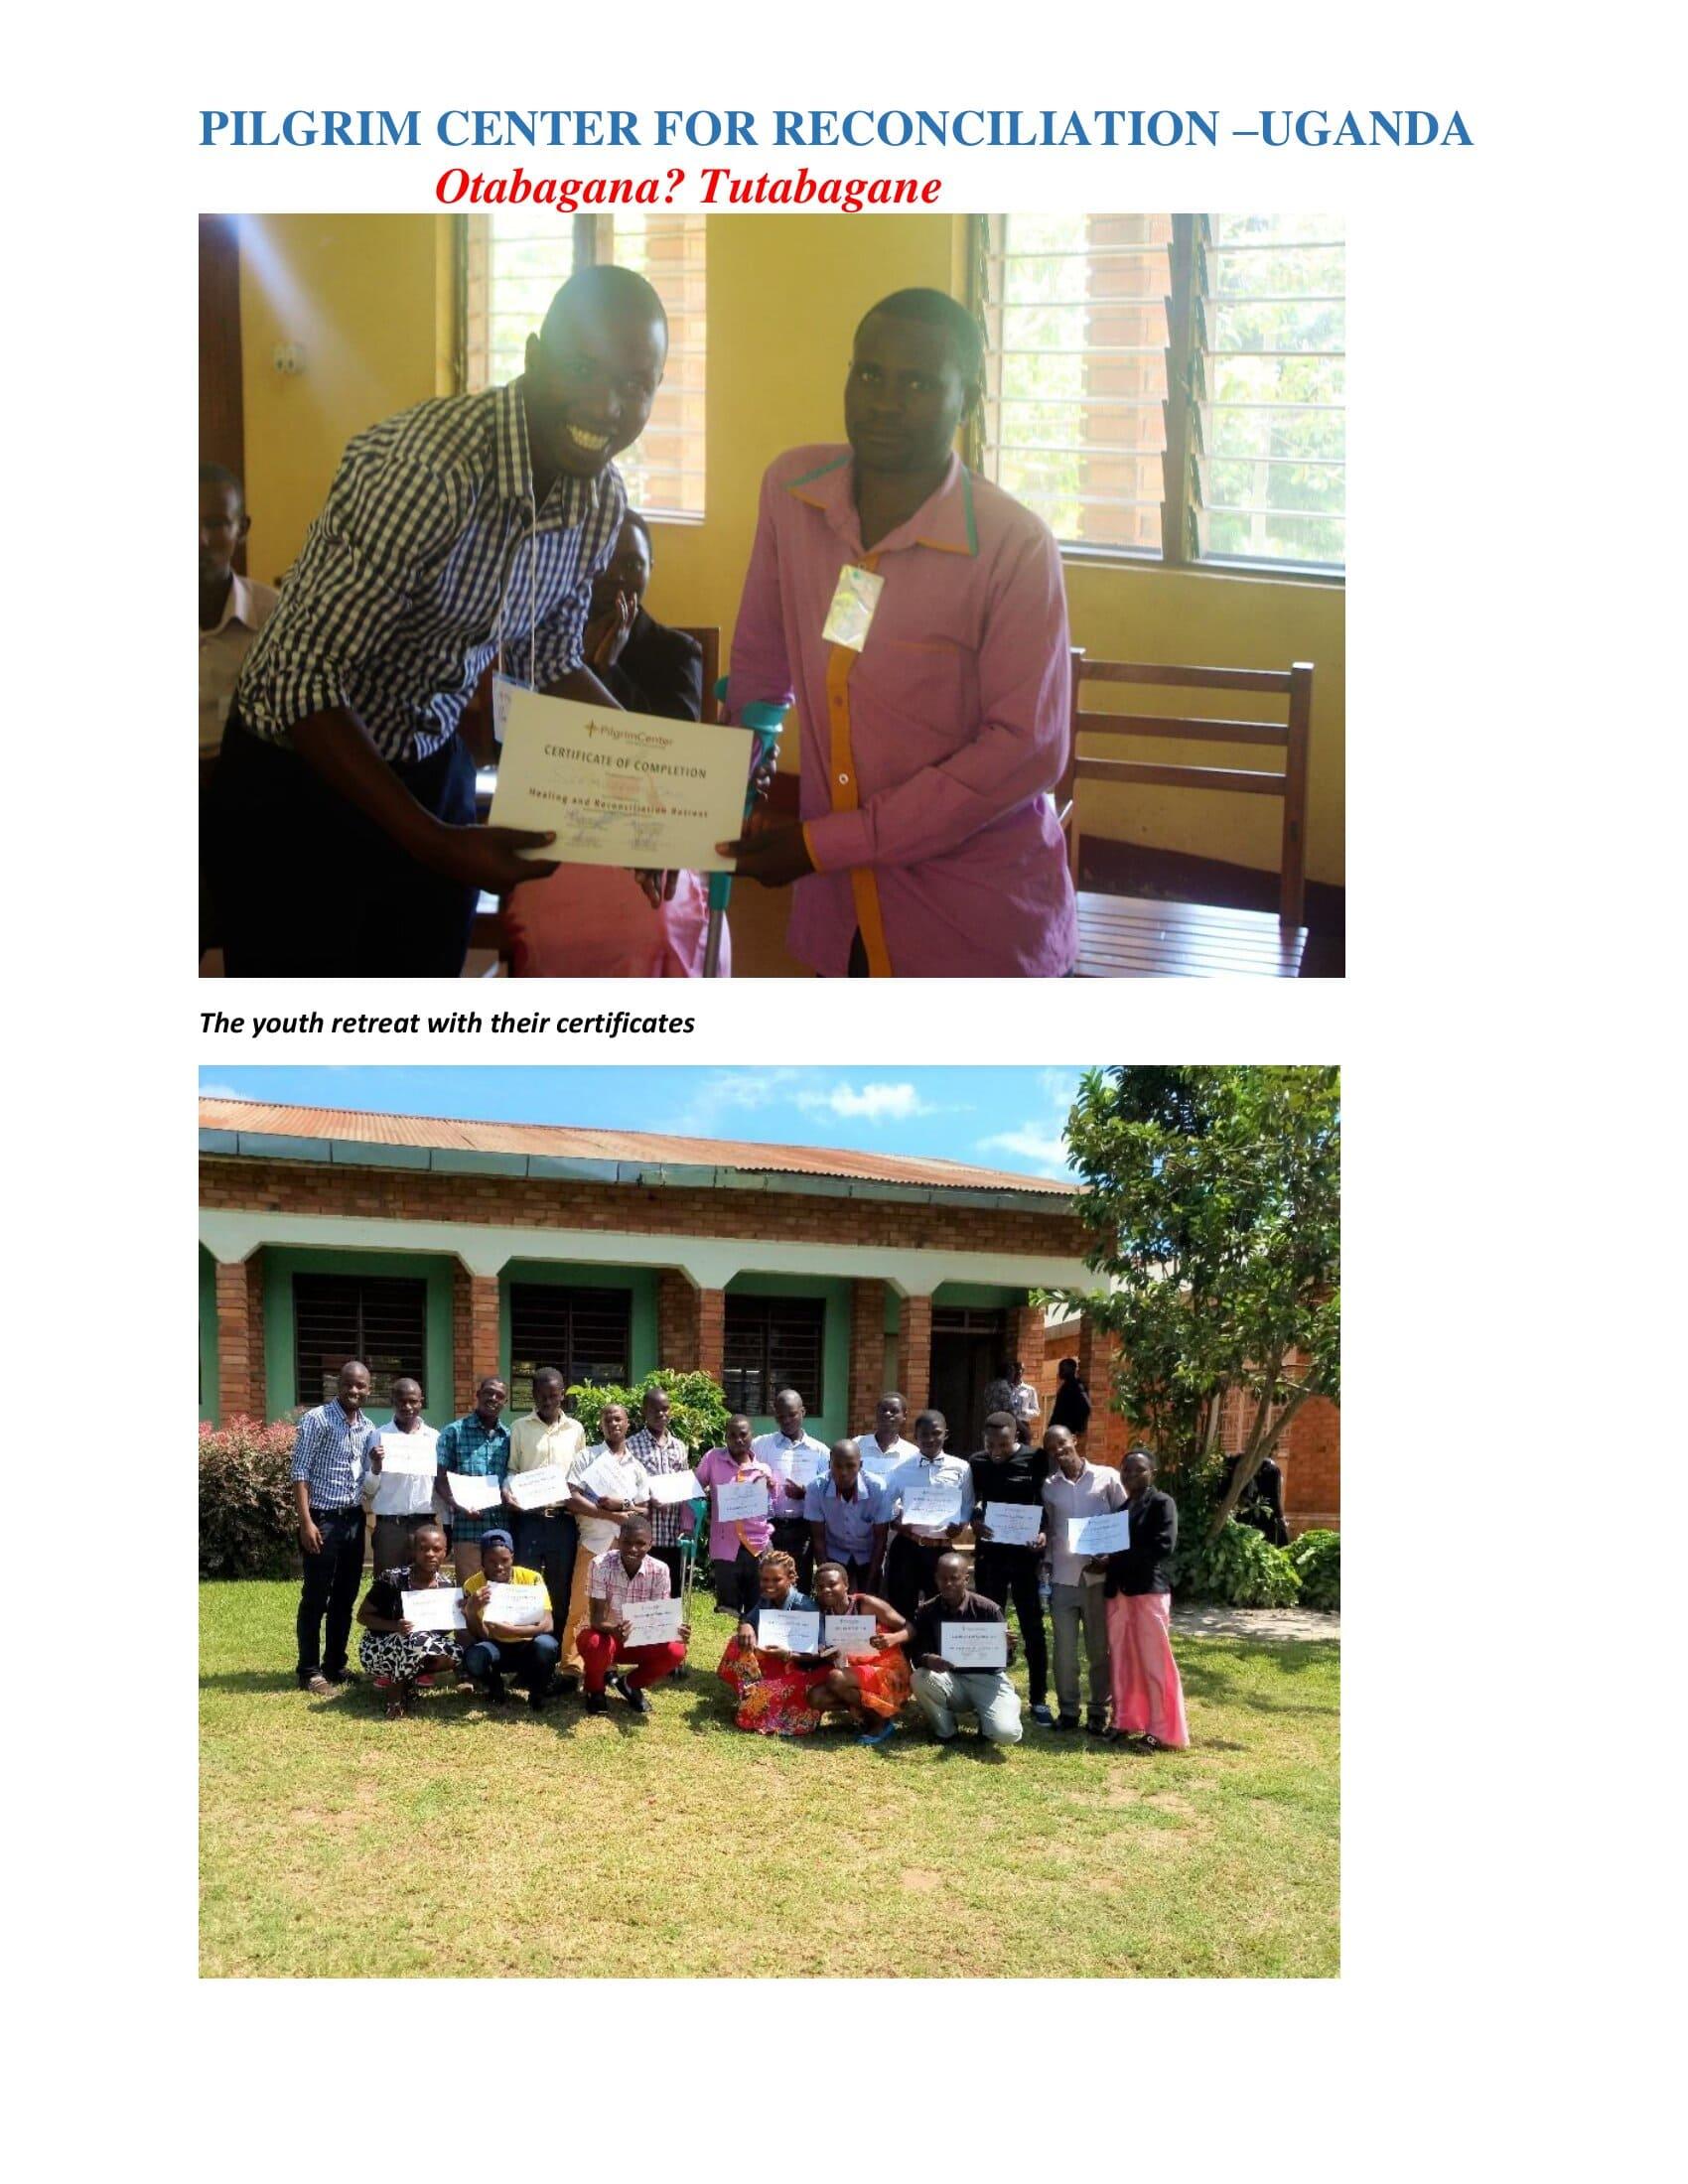 Pirigrim center for reconcilation -Uganda _0009-min